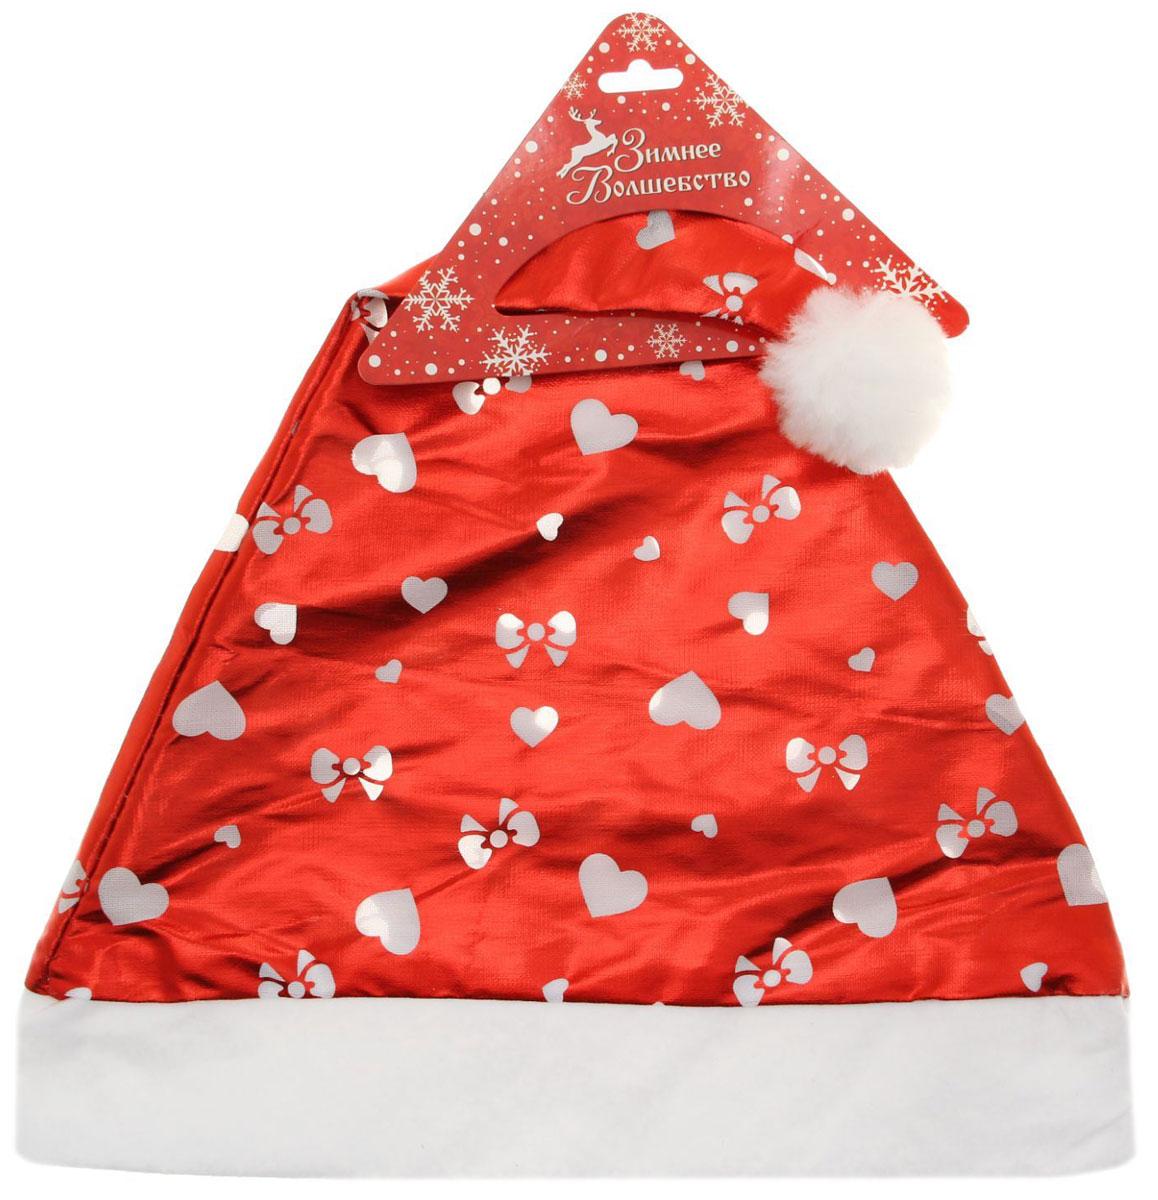 Колпак новогодний Бантики и сердечки, 28 х 40 см. 13906401390640Поддайтесь новогоднему веселью на полную катушку! Забавный колпак в секунду создаст праздничное настроение, будь то поздравление ребятишек или вечеринка с друзьями. Размер изделия универсальный: аксессуар подойдет как для ребенка, так и для взрослого. А мягкий текстиль позволит носить колпак с комфортом на протяжении всей новогодней ночи.